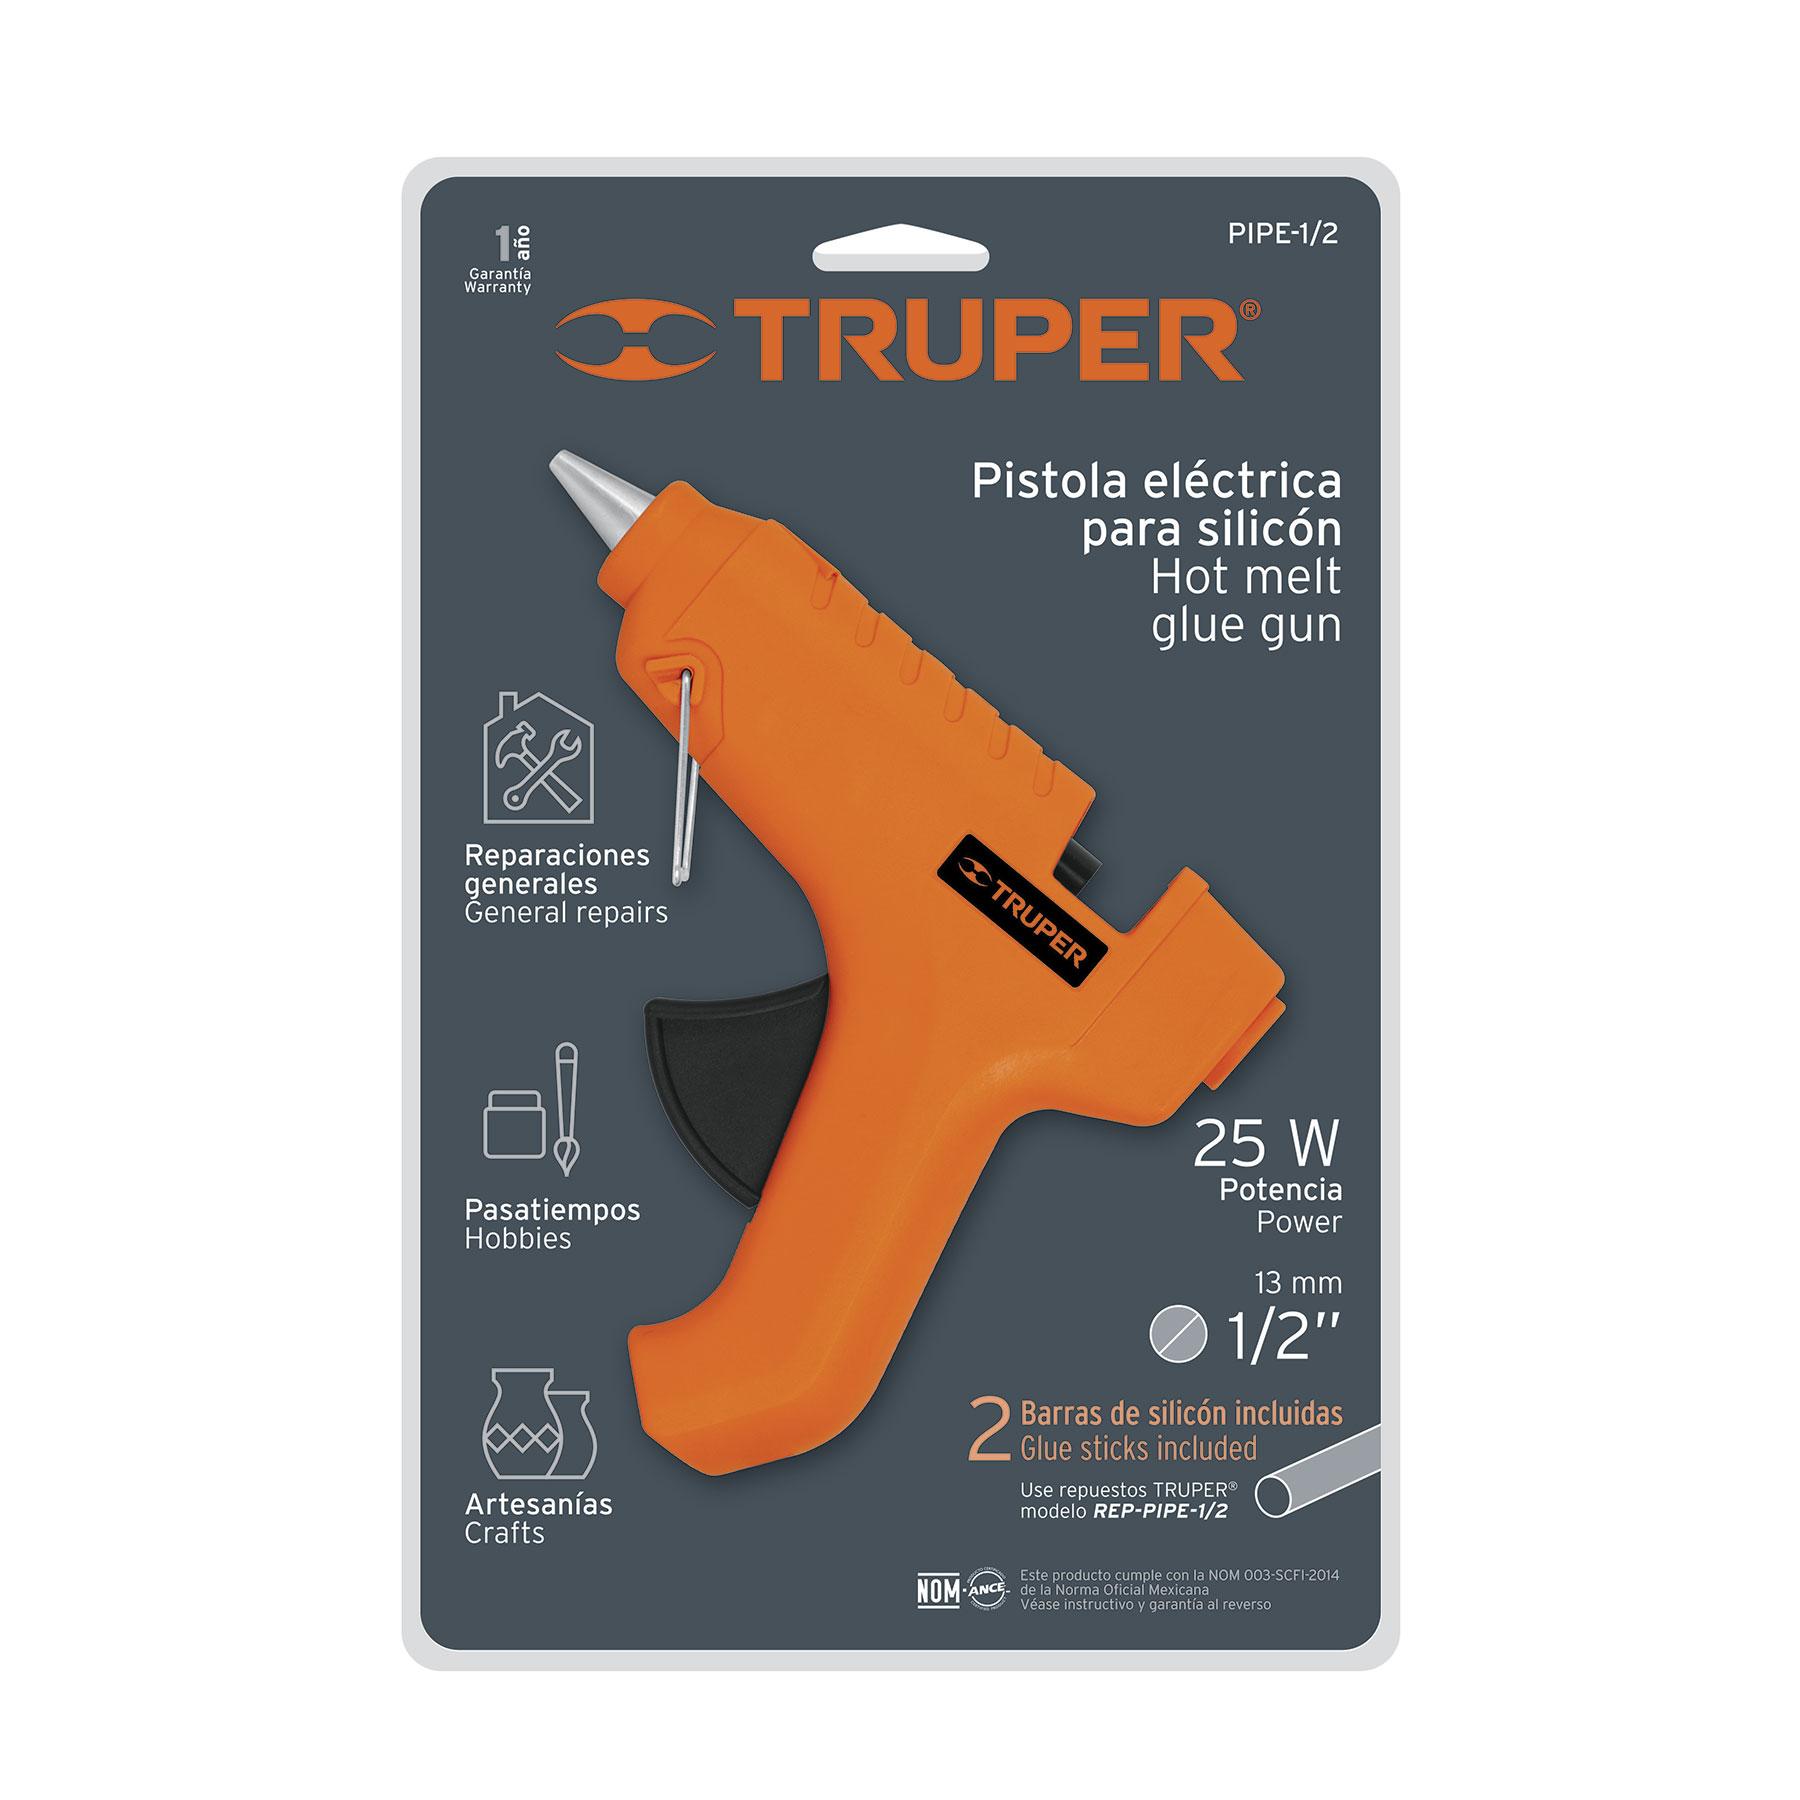 Truper - Pistola eléctrica de pegamento 25W, incluye 2 barras